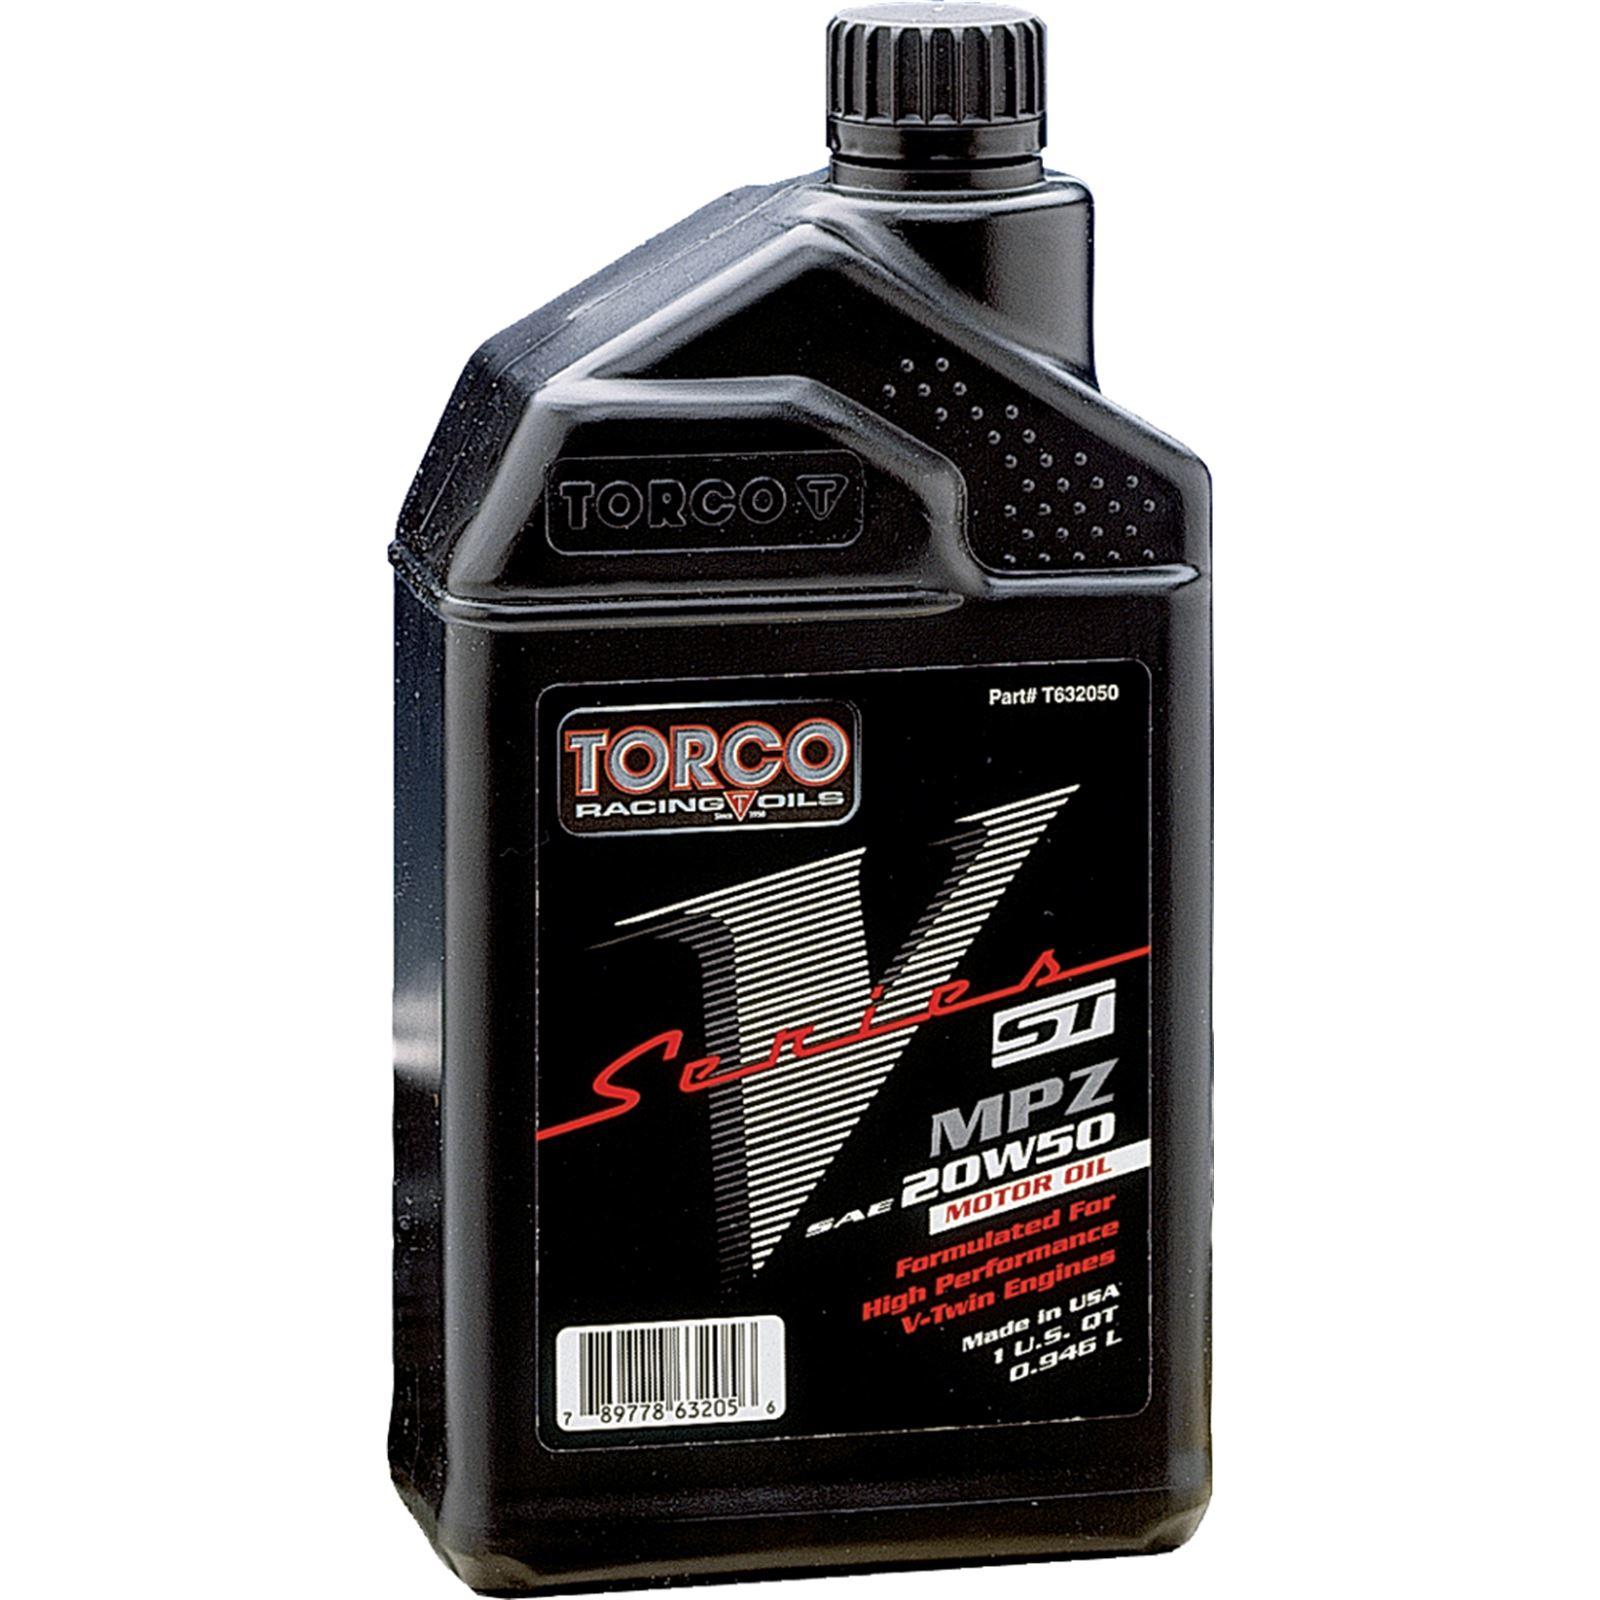 Torco V-Series Engine Oil